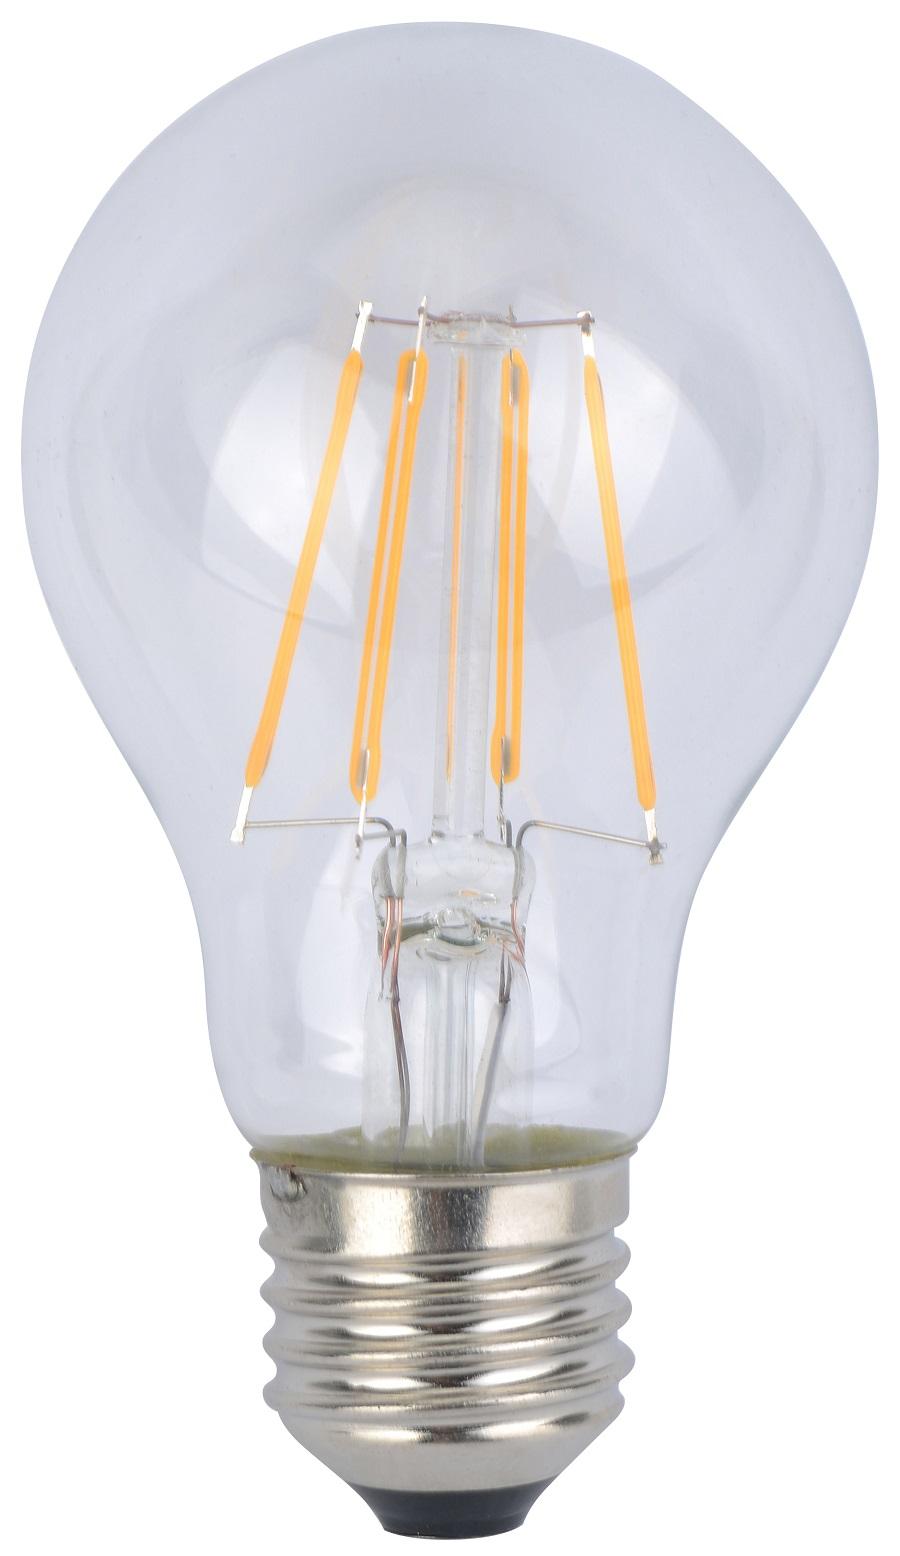 LED Filament Light A19-6W